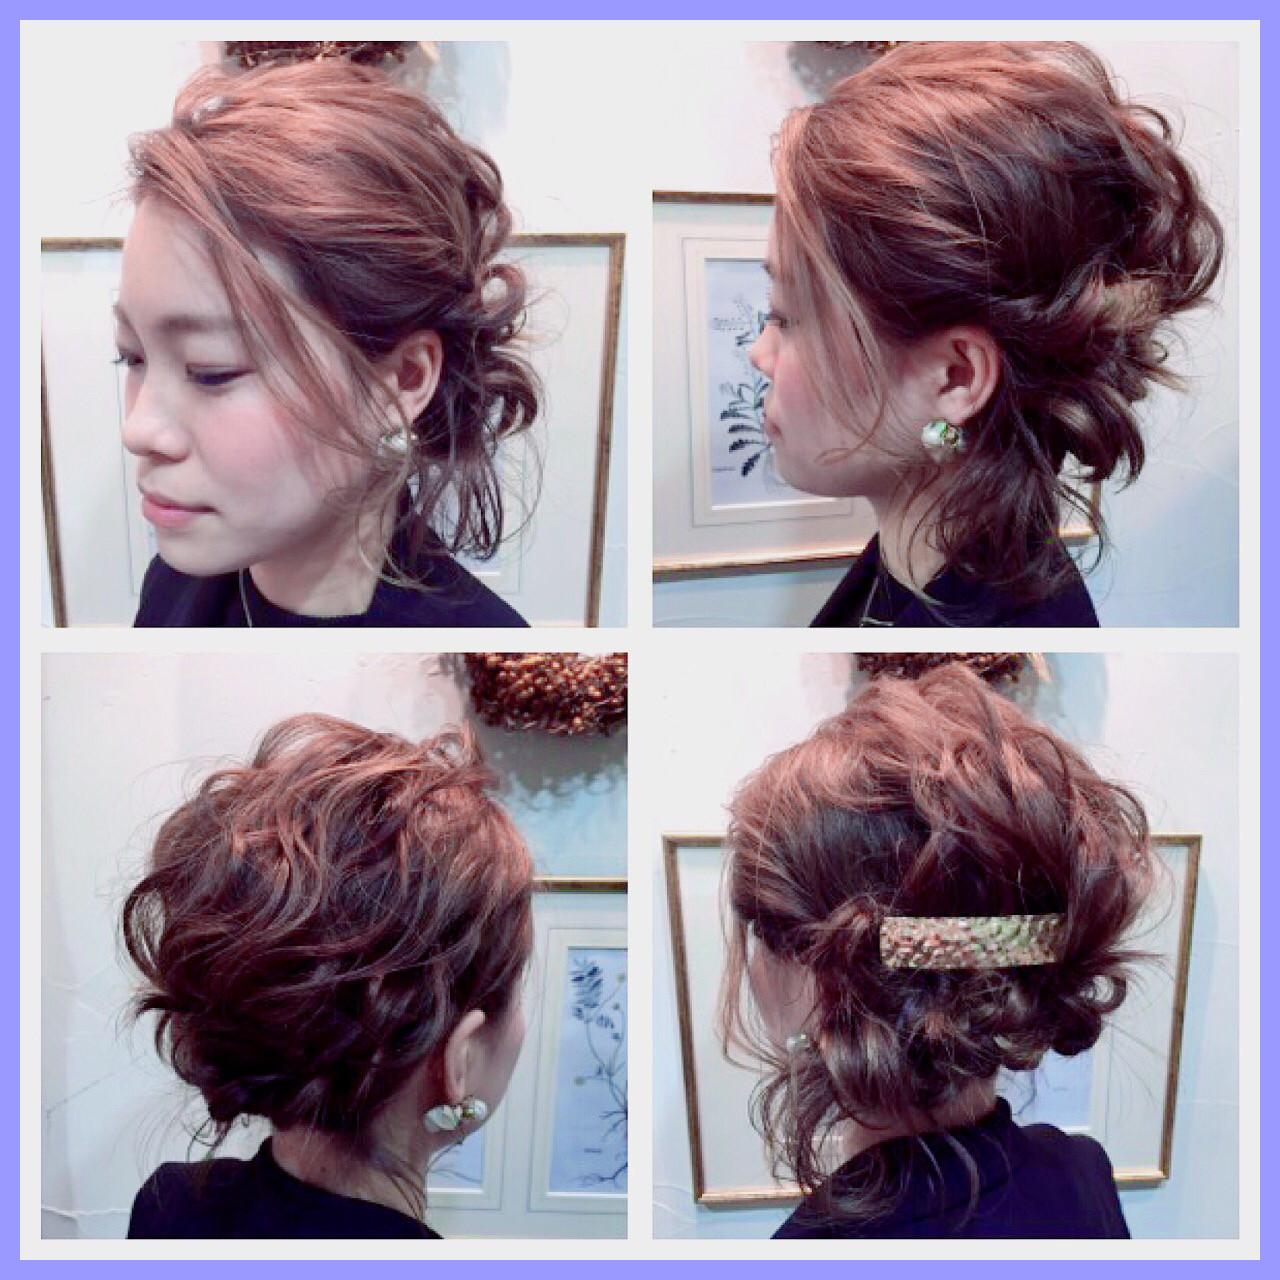 ヘアアレンジ ショート ボブ ミディアム ヘアスタイルや髪型の写真・画像